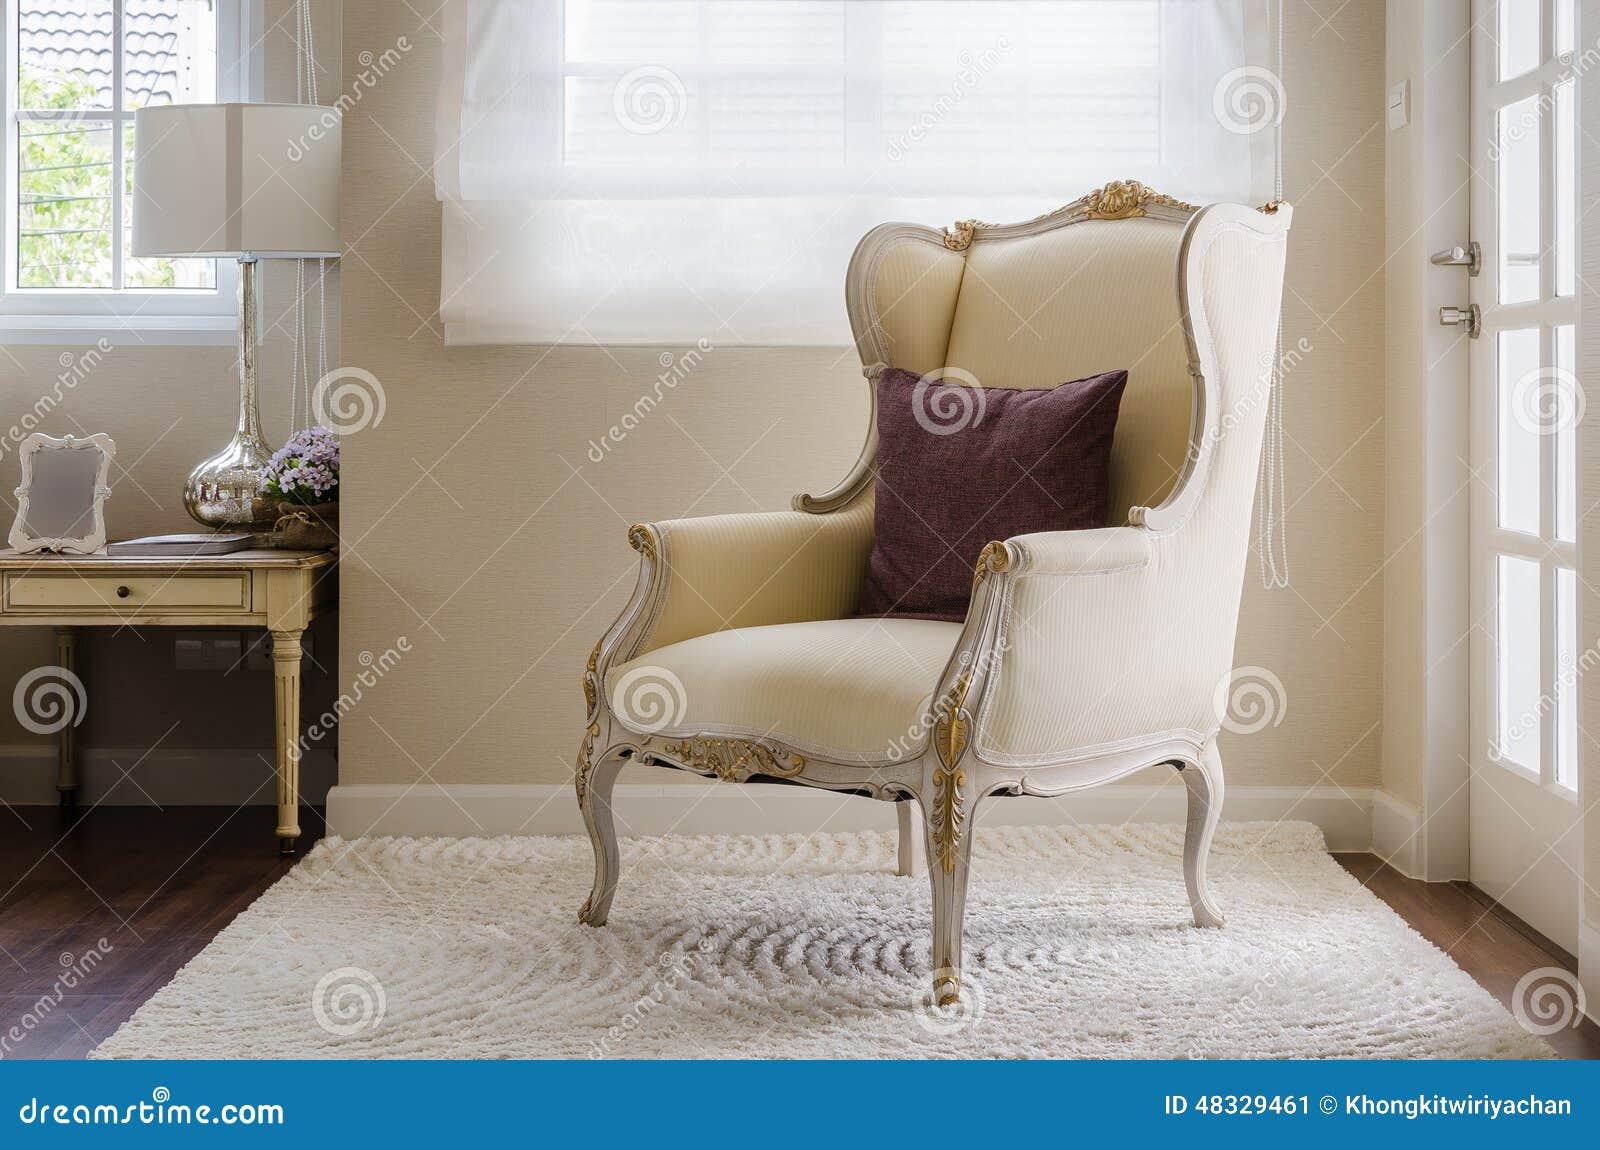 Stile classico della sedia su tappeto in camera da letto fotografia stock immagine 48329461 - Sedia per camera da letto ...